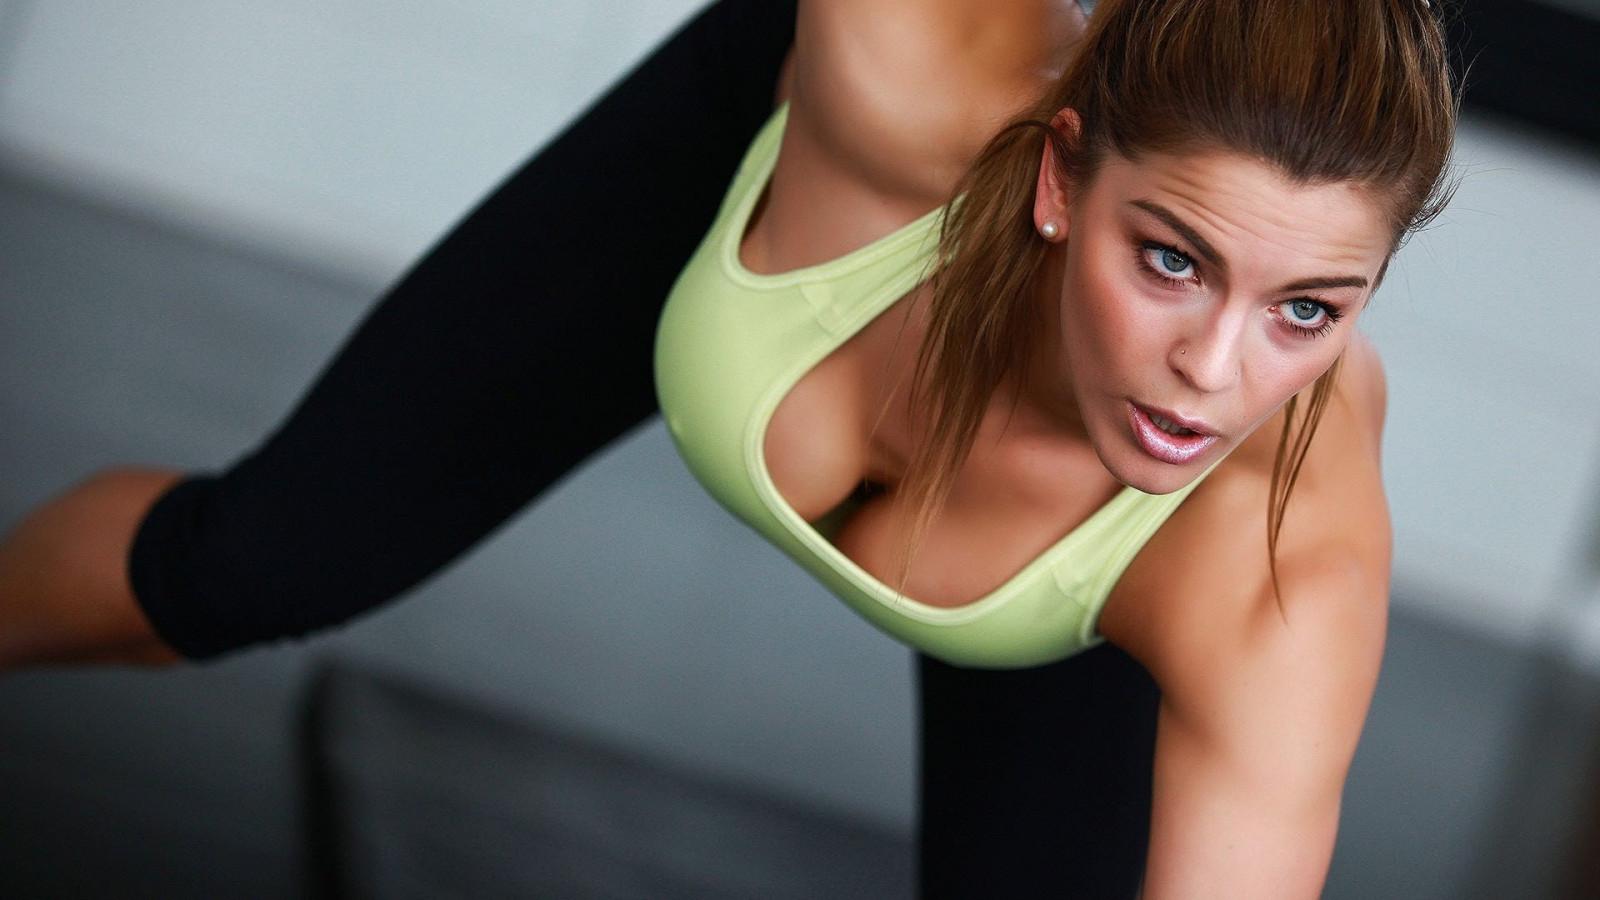 Wallpaper katie, brunette, sexy girl, adult model